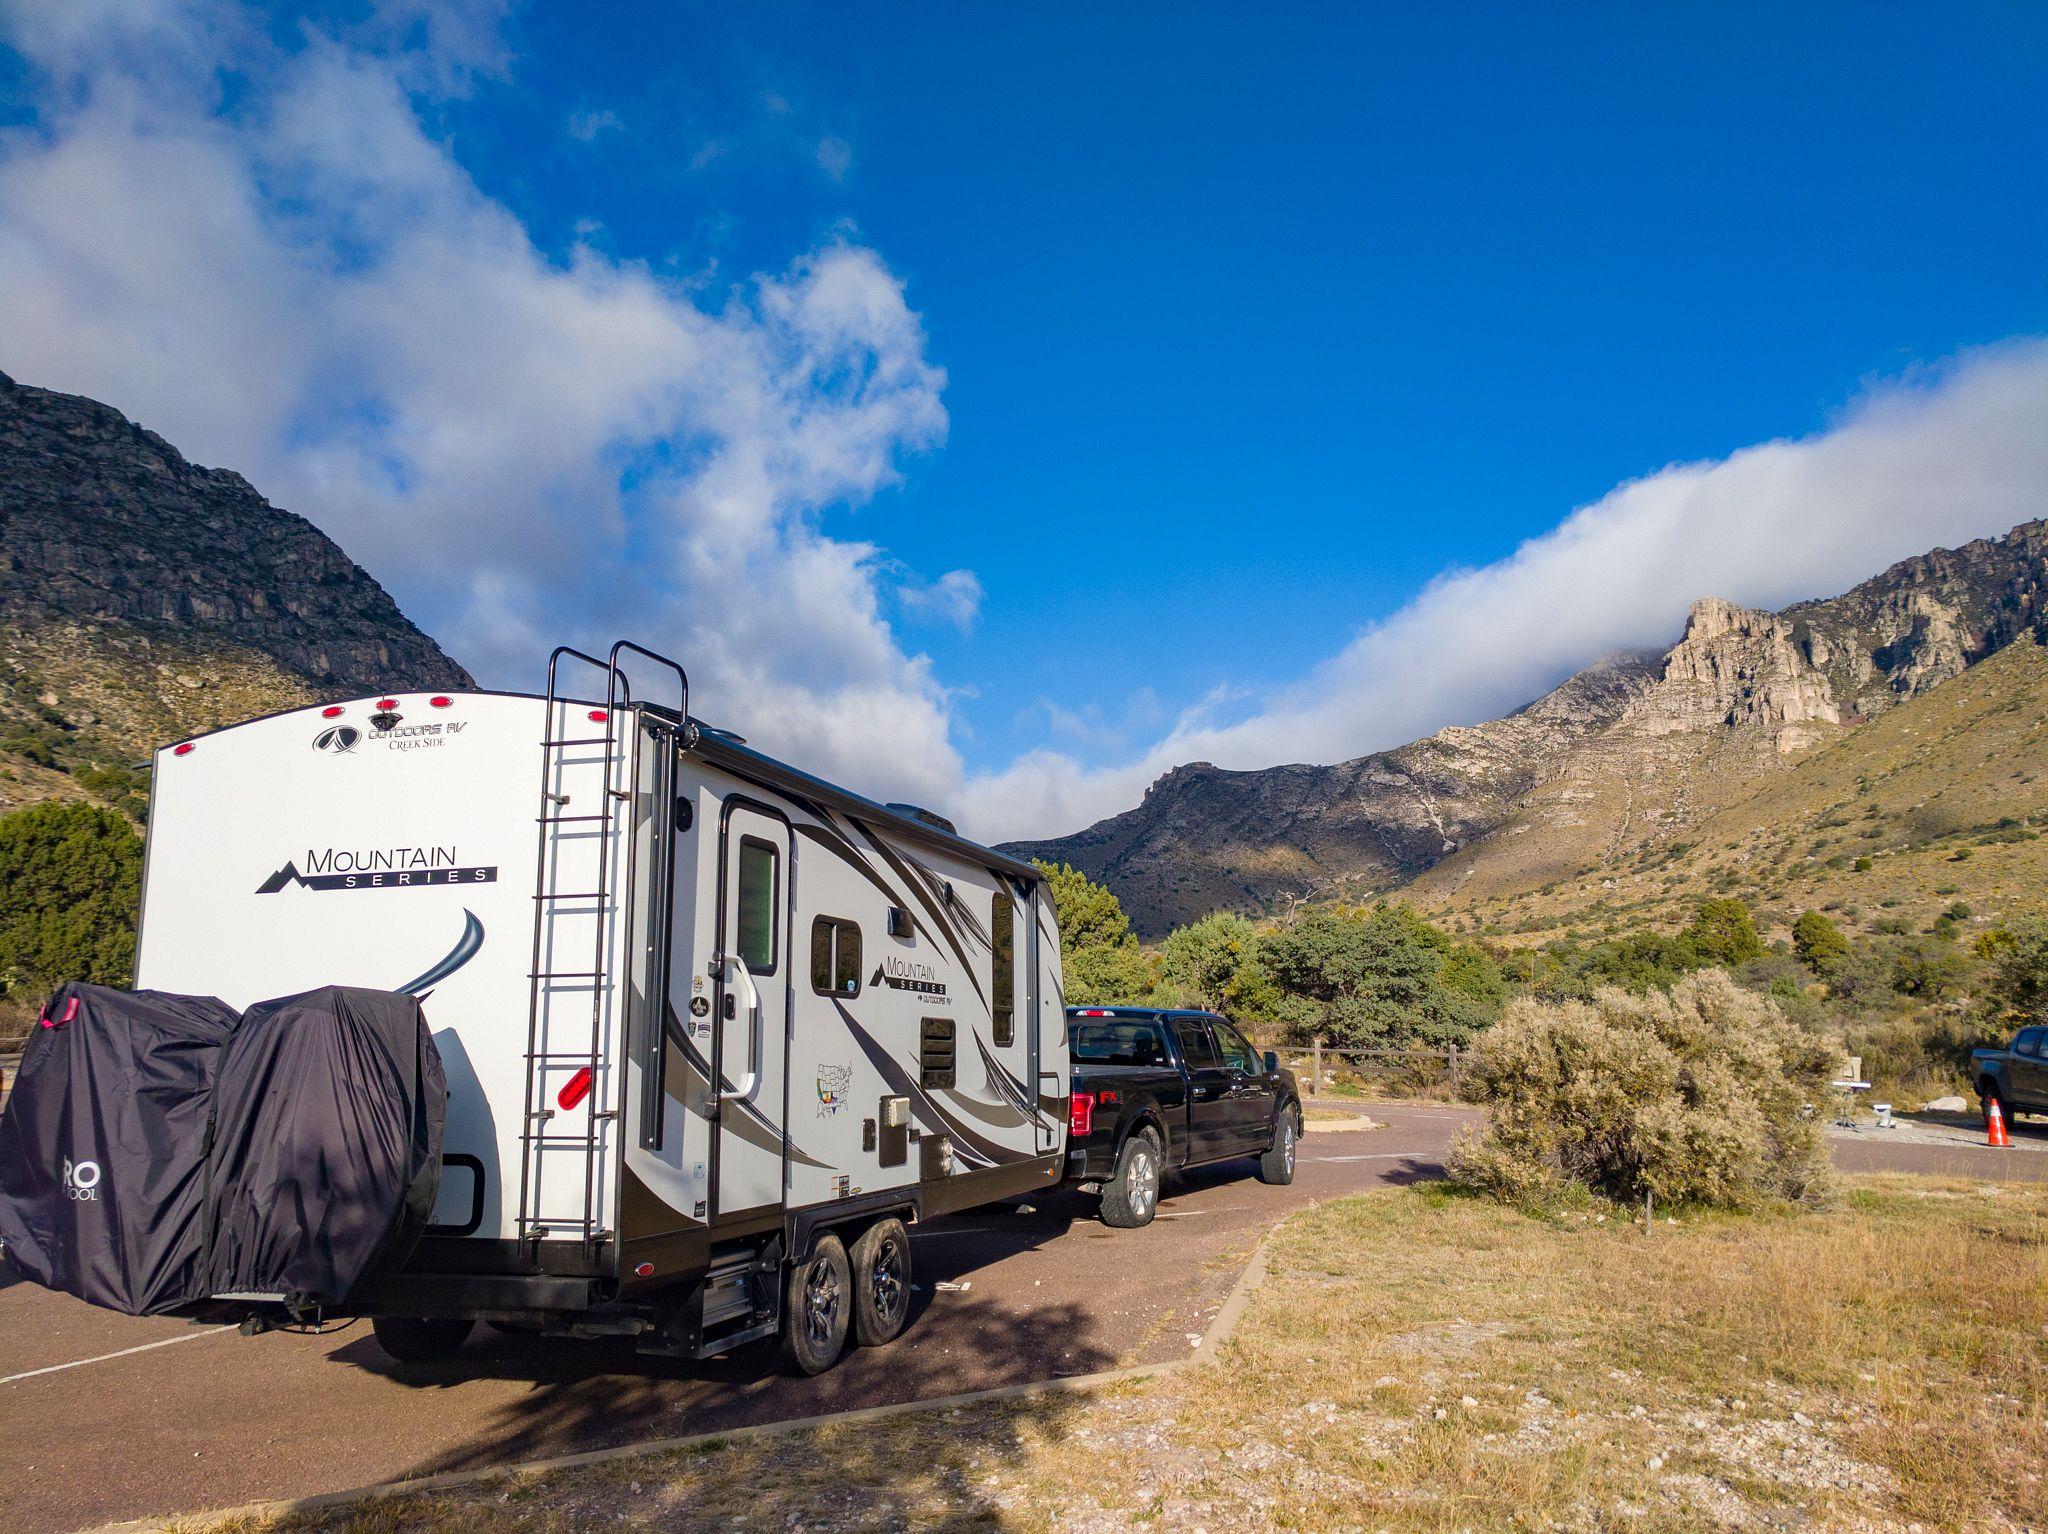 Pine Springs RV Campground